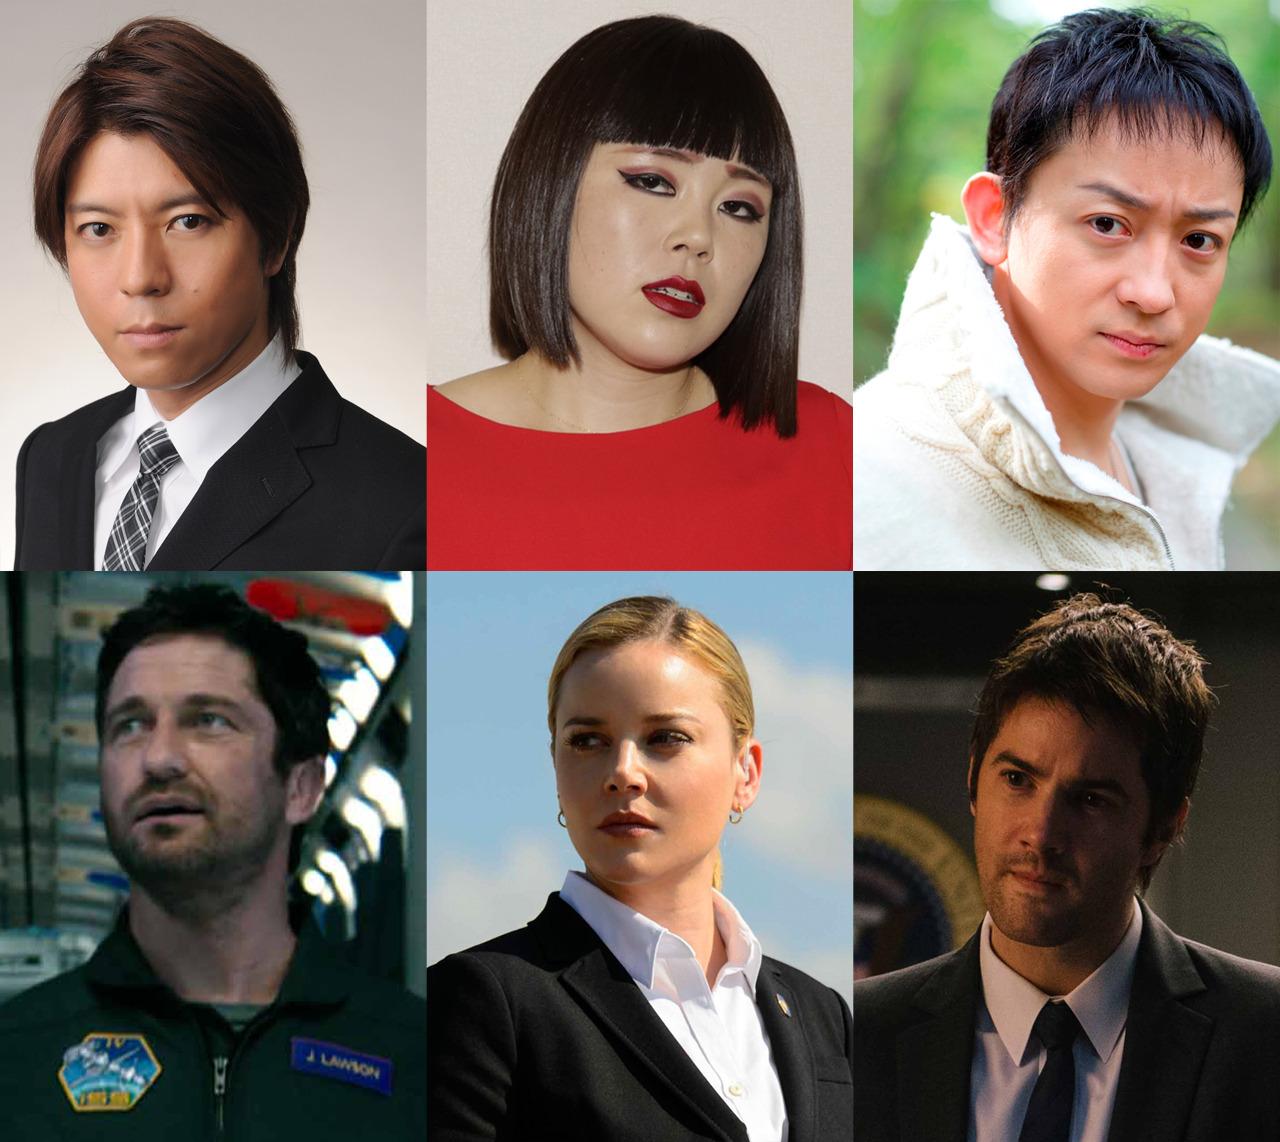 映画「ジオストーム」の吹き替えには豪華キャストが集結!